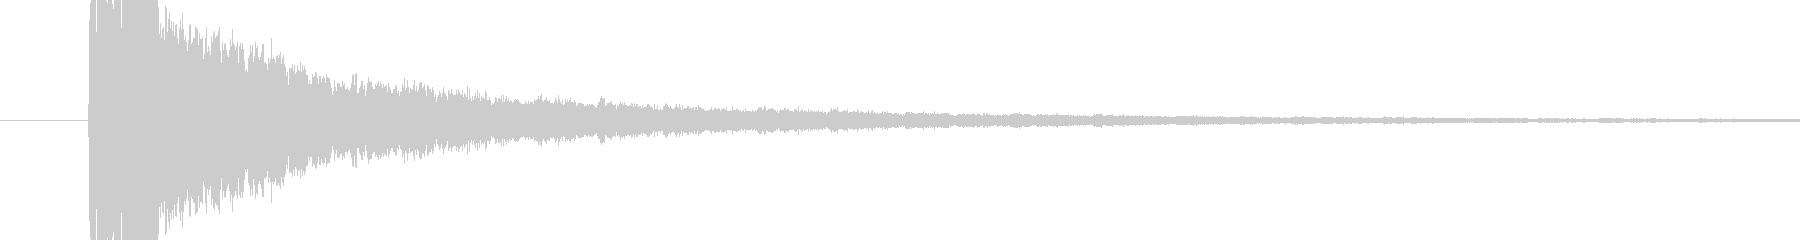 VERYSHARPバージョン2の未再生の波形